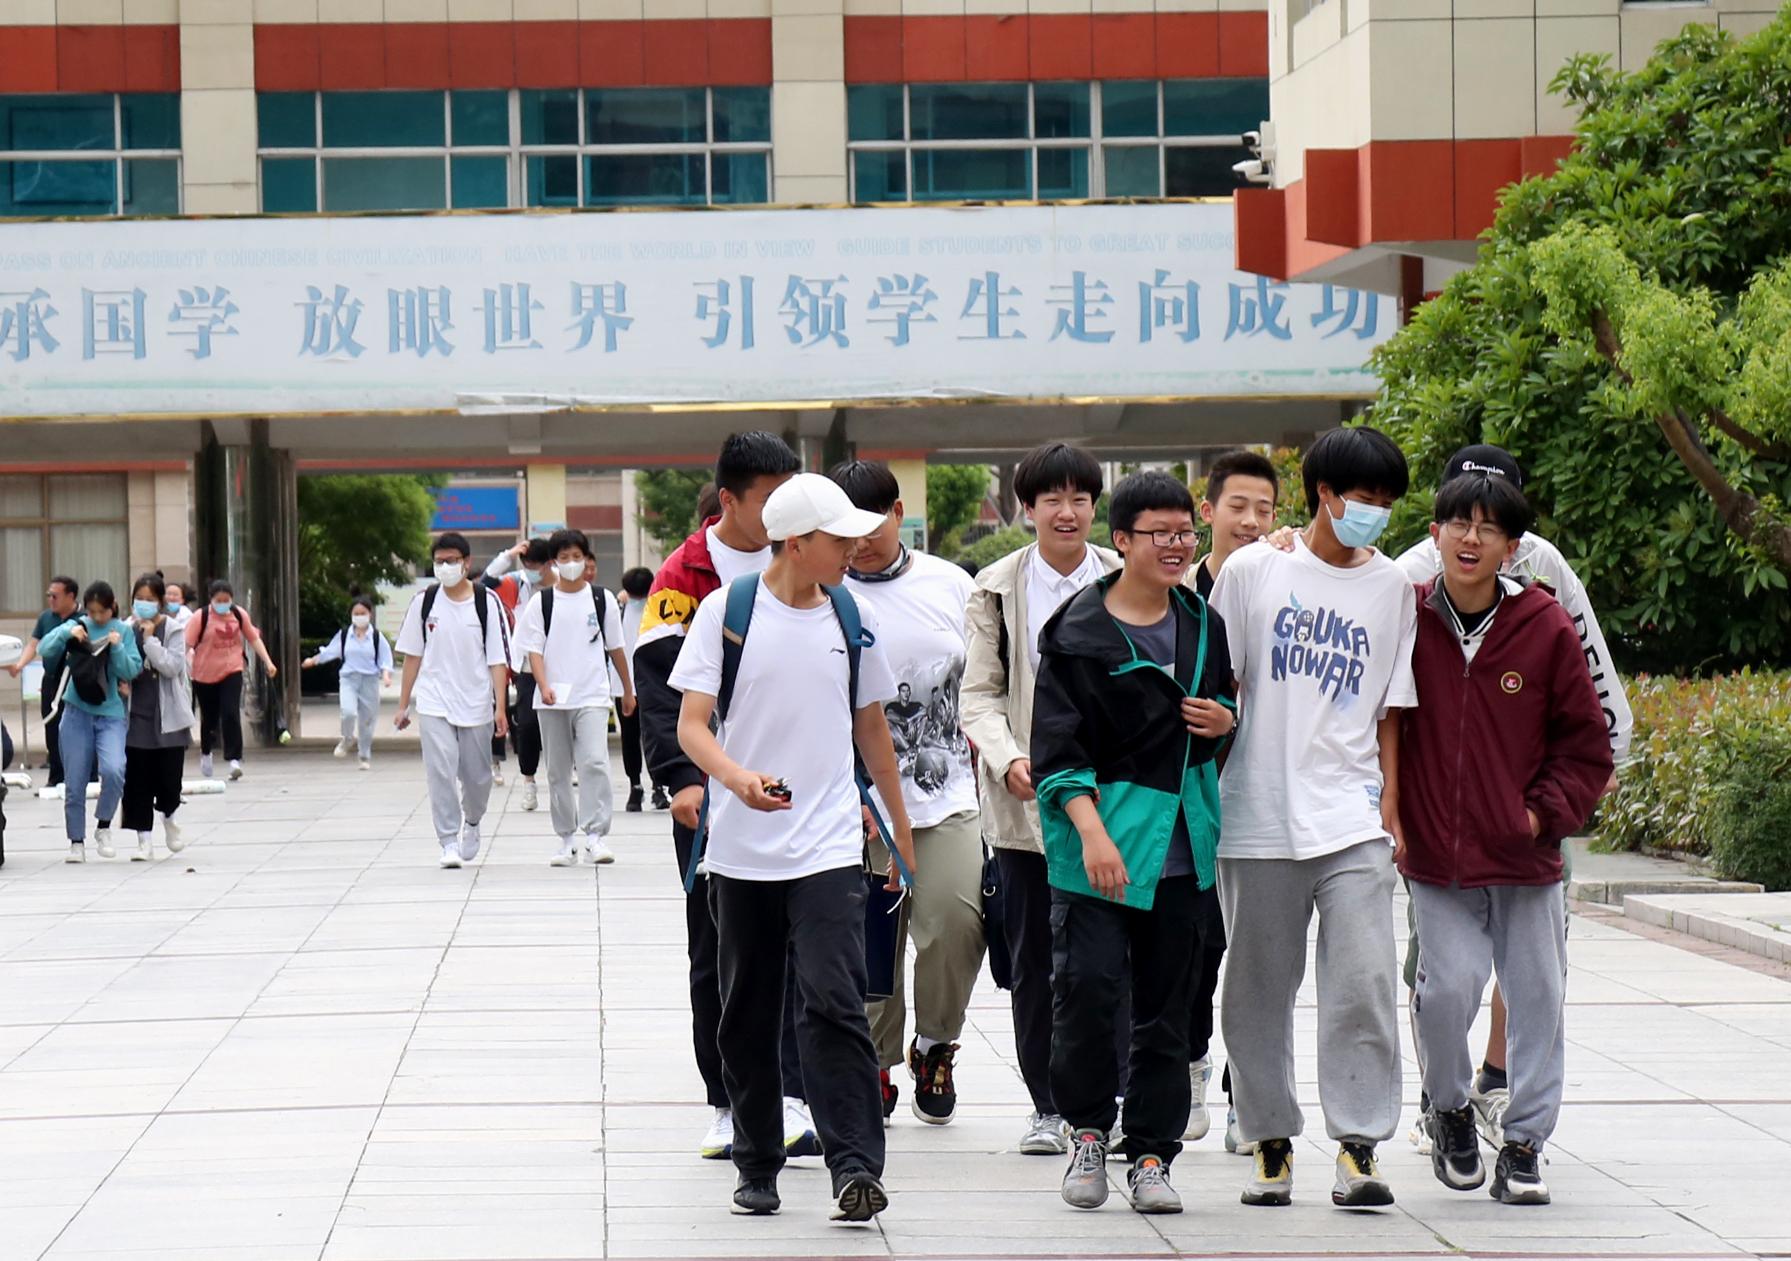 連云港中考結束 6月17-20日開始志愿填報